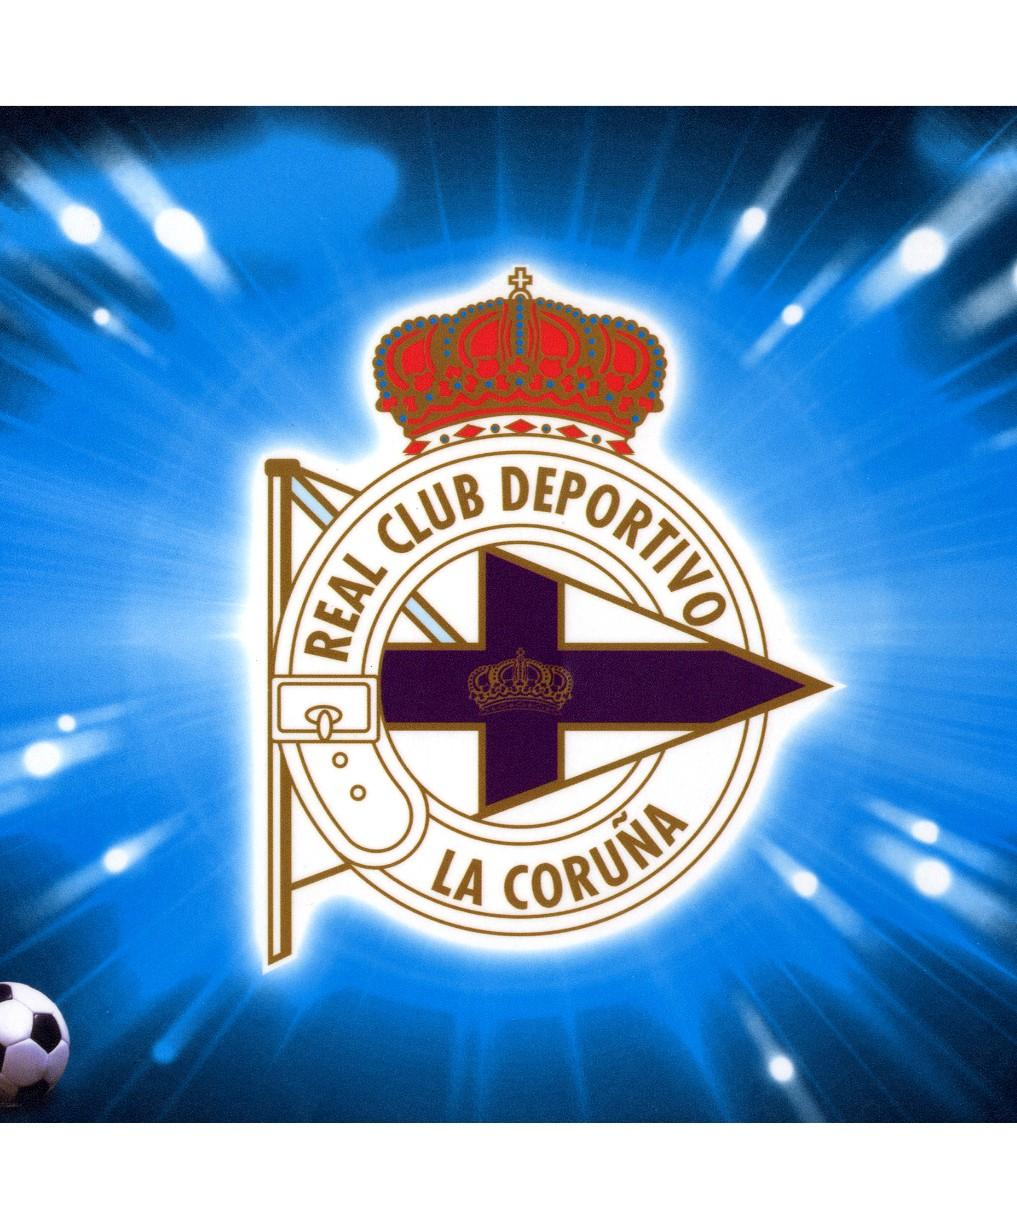 Deportivo De La Coruña Backgrounds, Compatible - PC, Mobile, Gadgets| 1017x1229 px